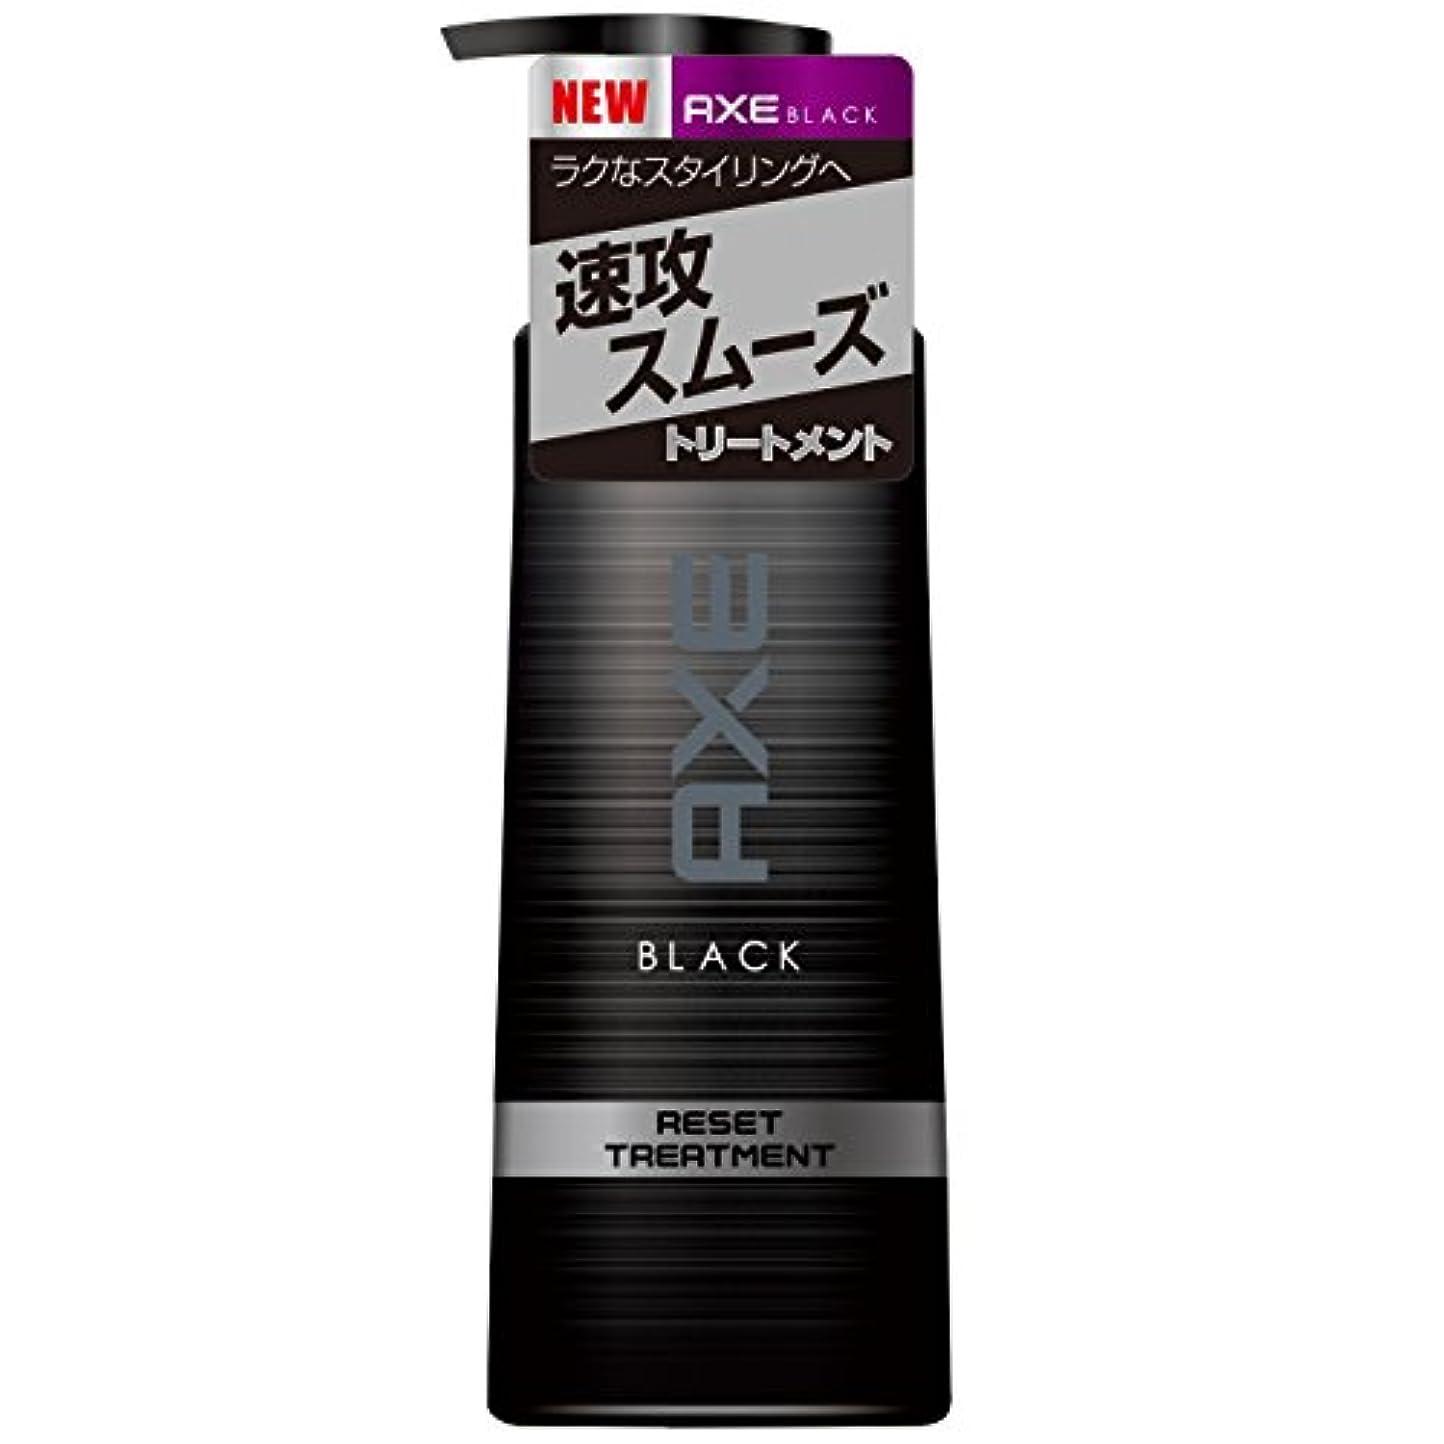 ファッション言い聞かせる振りかけるアックス ブラック 男性用 トリートメント ポンプ (速攻スムーズ、ラクなスタイリングへ) 350g (クールマリンのさりげない香り)